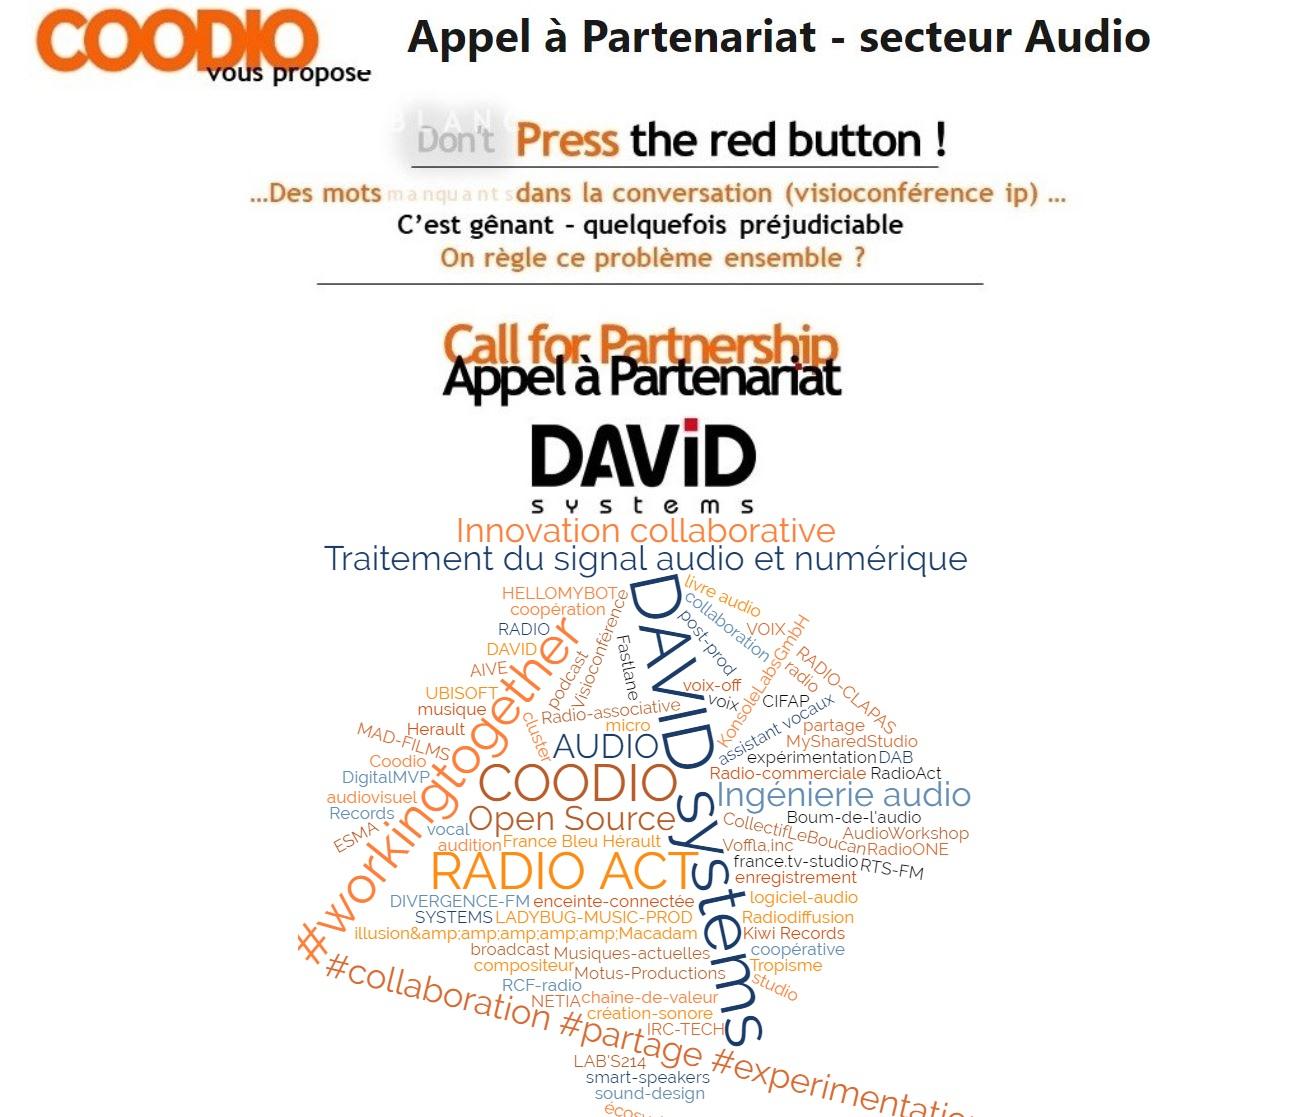 Appel a partenariat coodio david systems